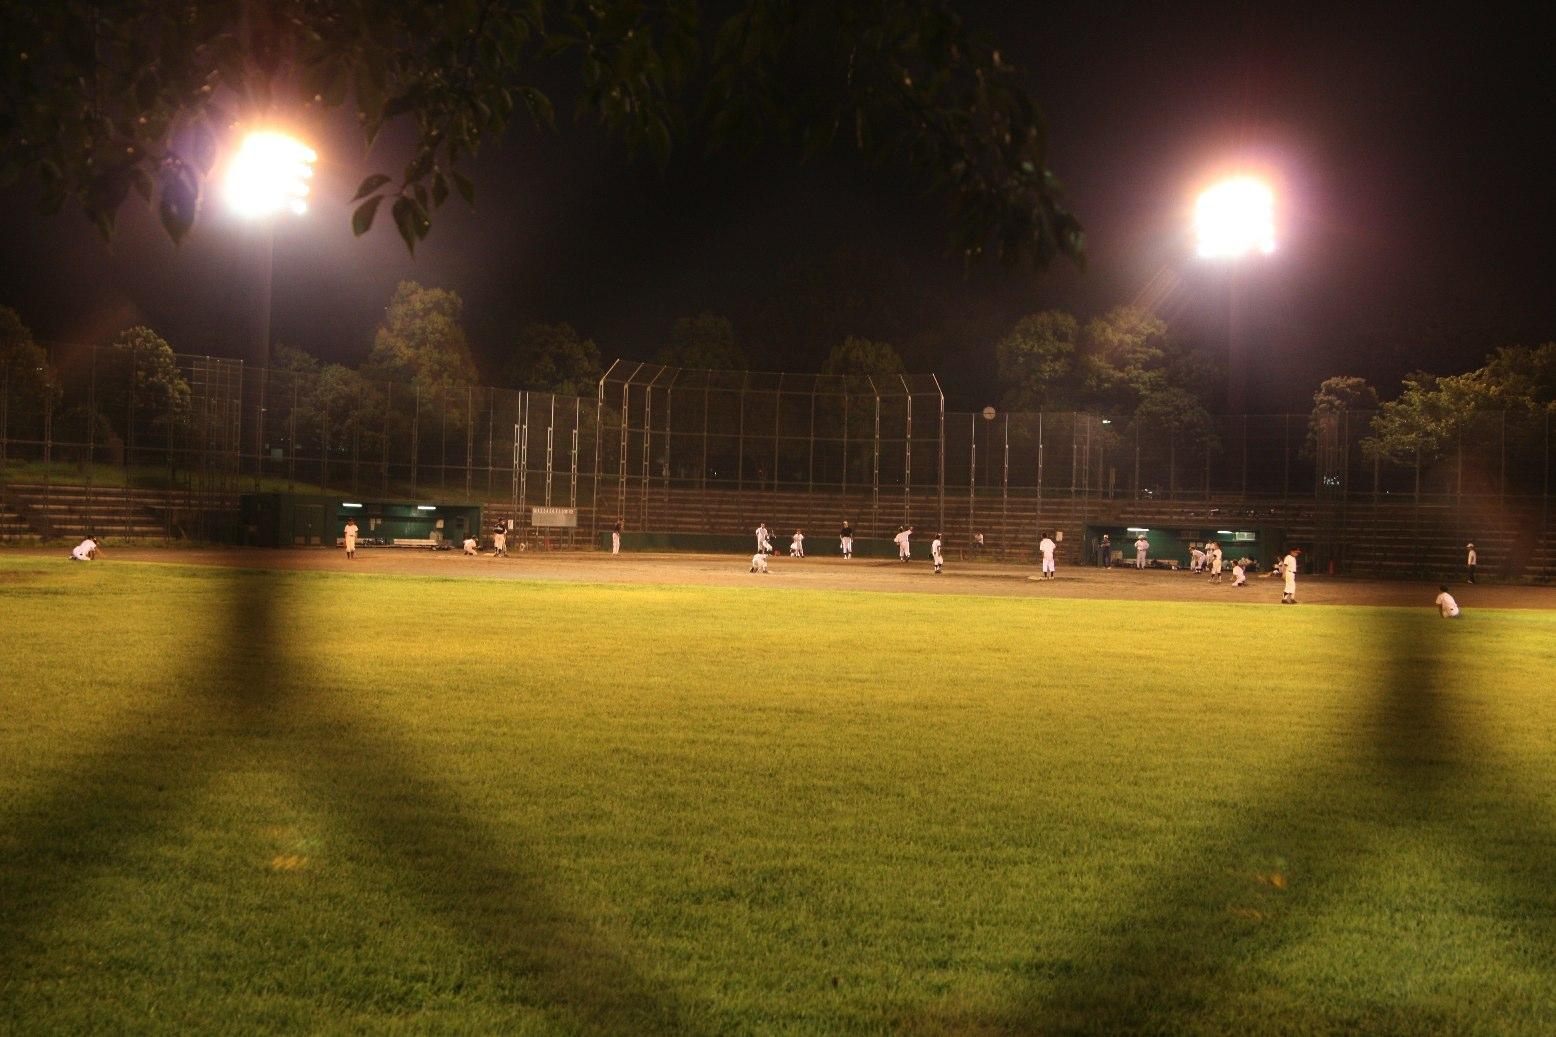 【散撮】夜公園を散歩_f0141609_21374143.jpg